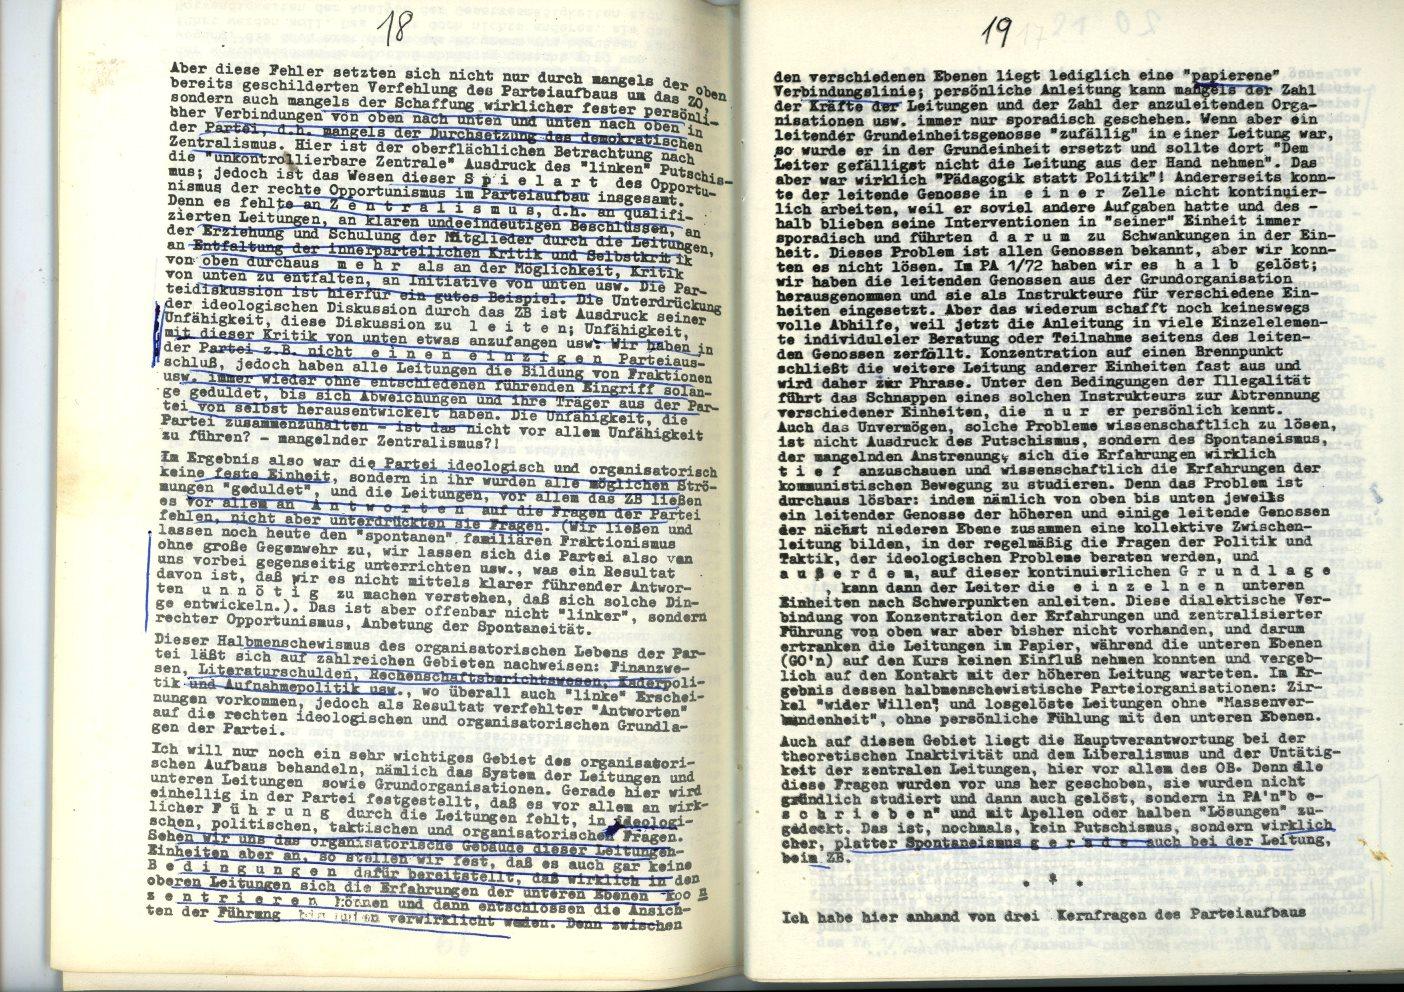 ZB_1972_Diskussionsorgan_zur_ersten_Parteikonferenz_11